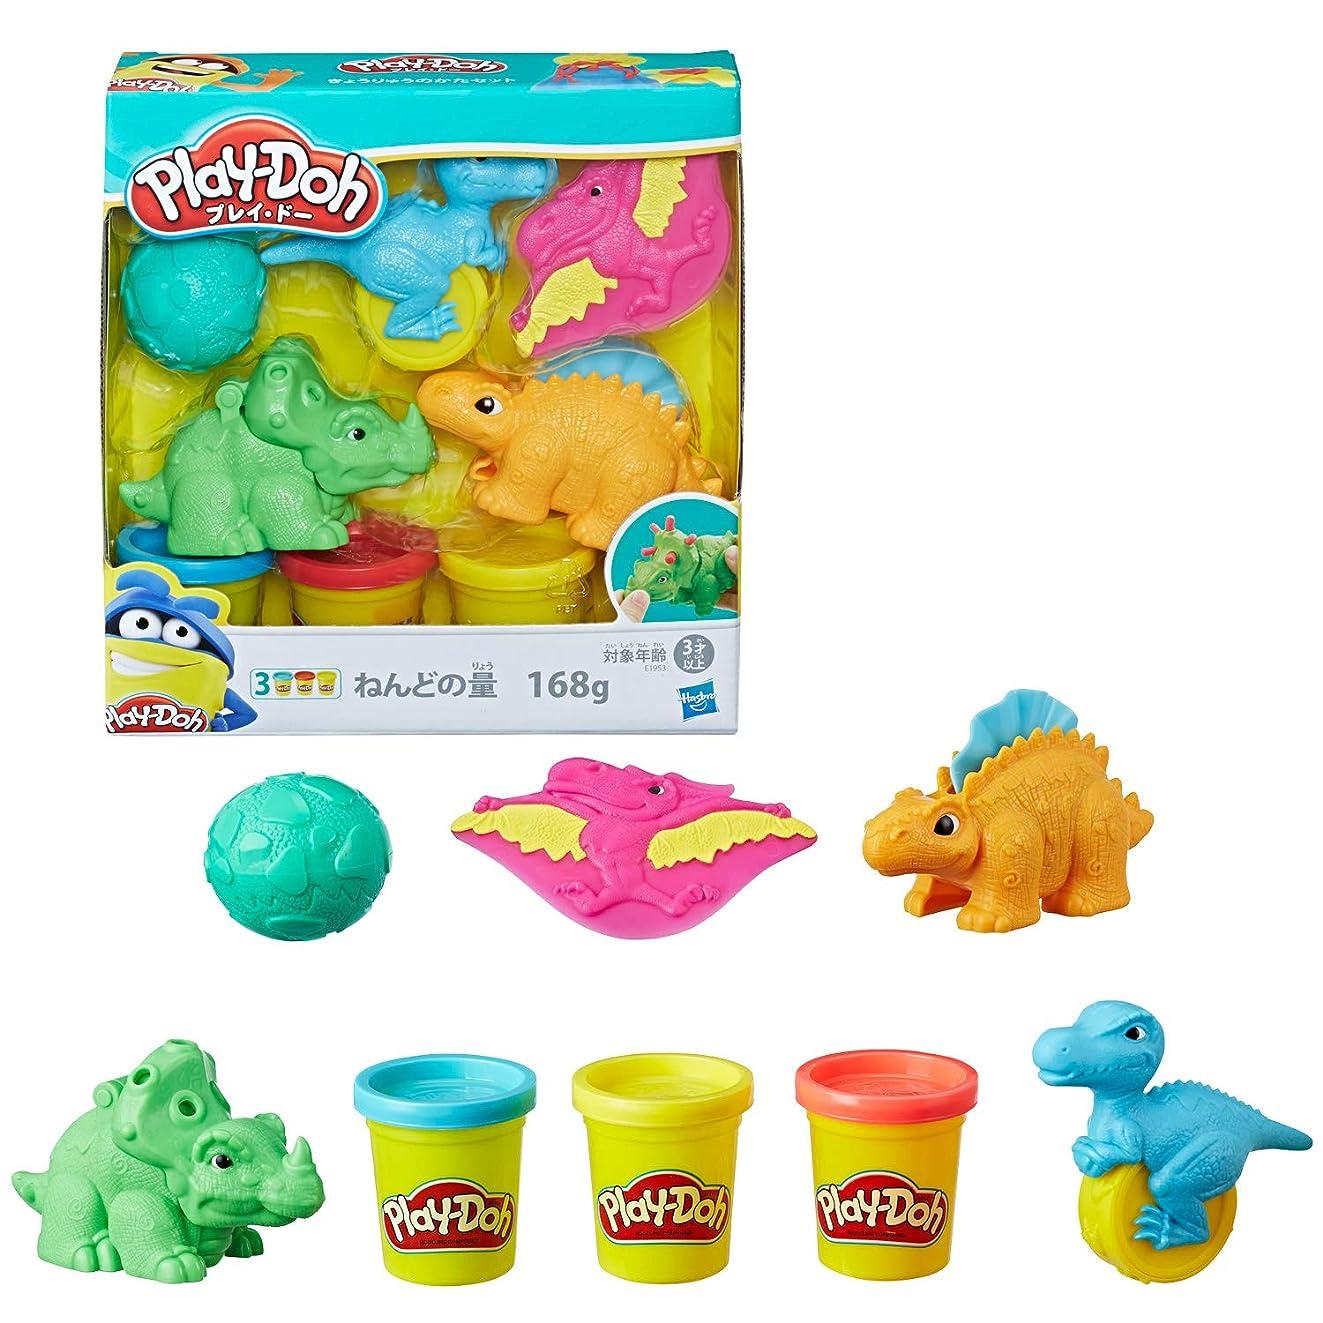 たっぷりルーキー製品HSETIV Cloud Slimeフリースライムおもちゃ、ふわふわスライム香りストレスリリーフバブルガムフレグランス